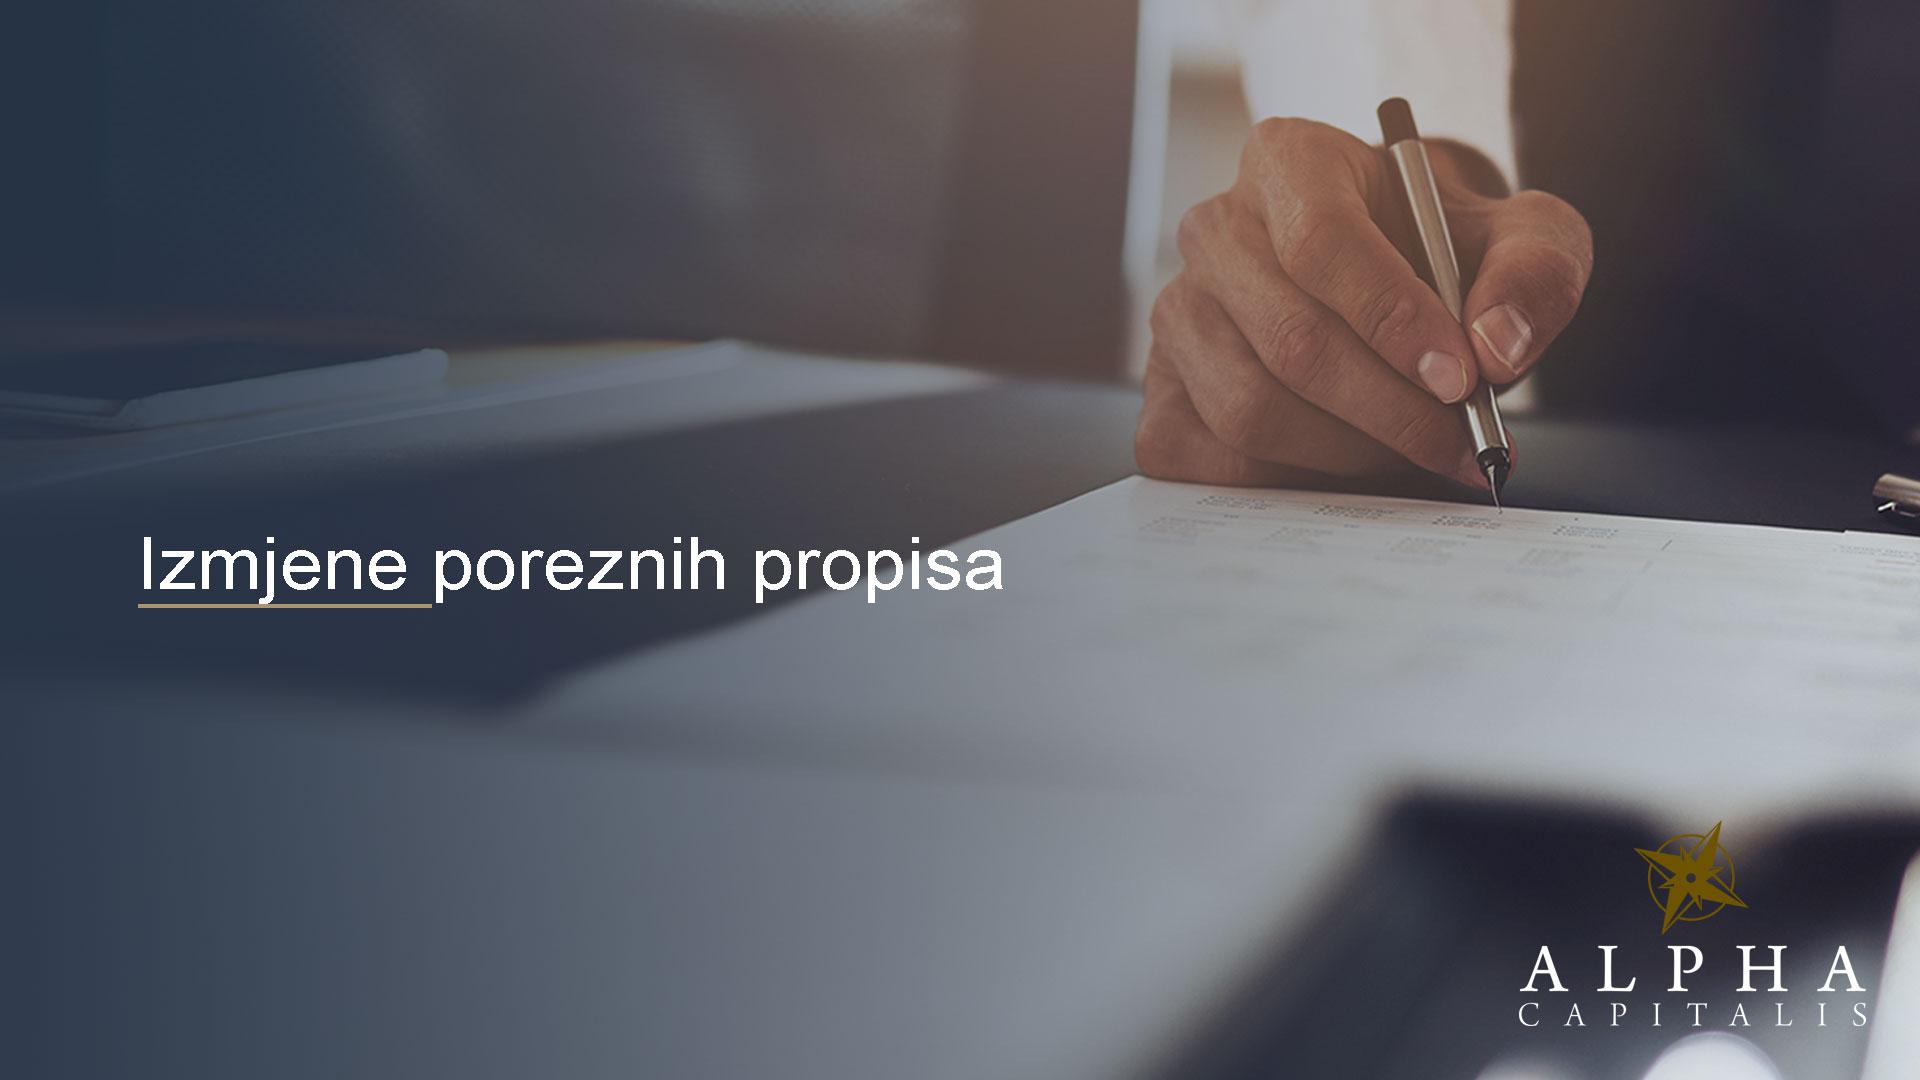 alpha capitalis-novosti_izmjene-poreznih propisa